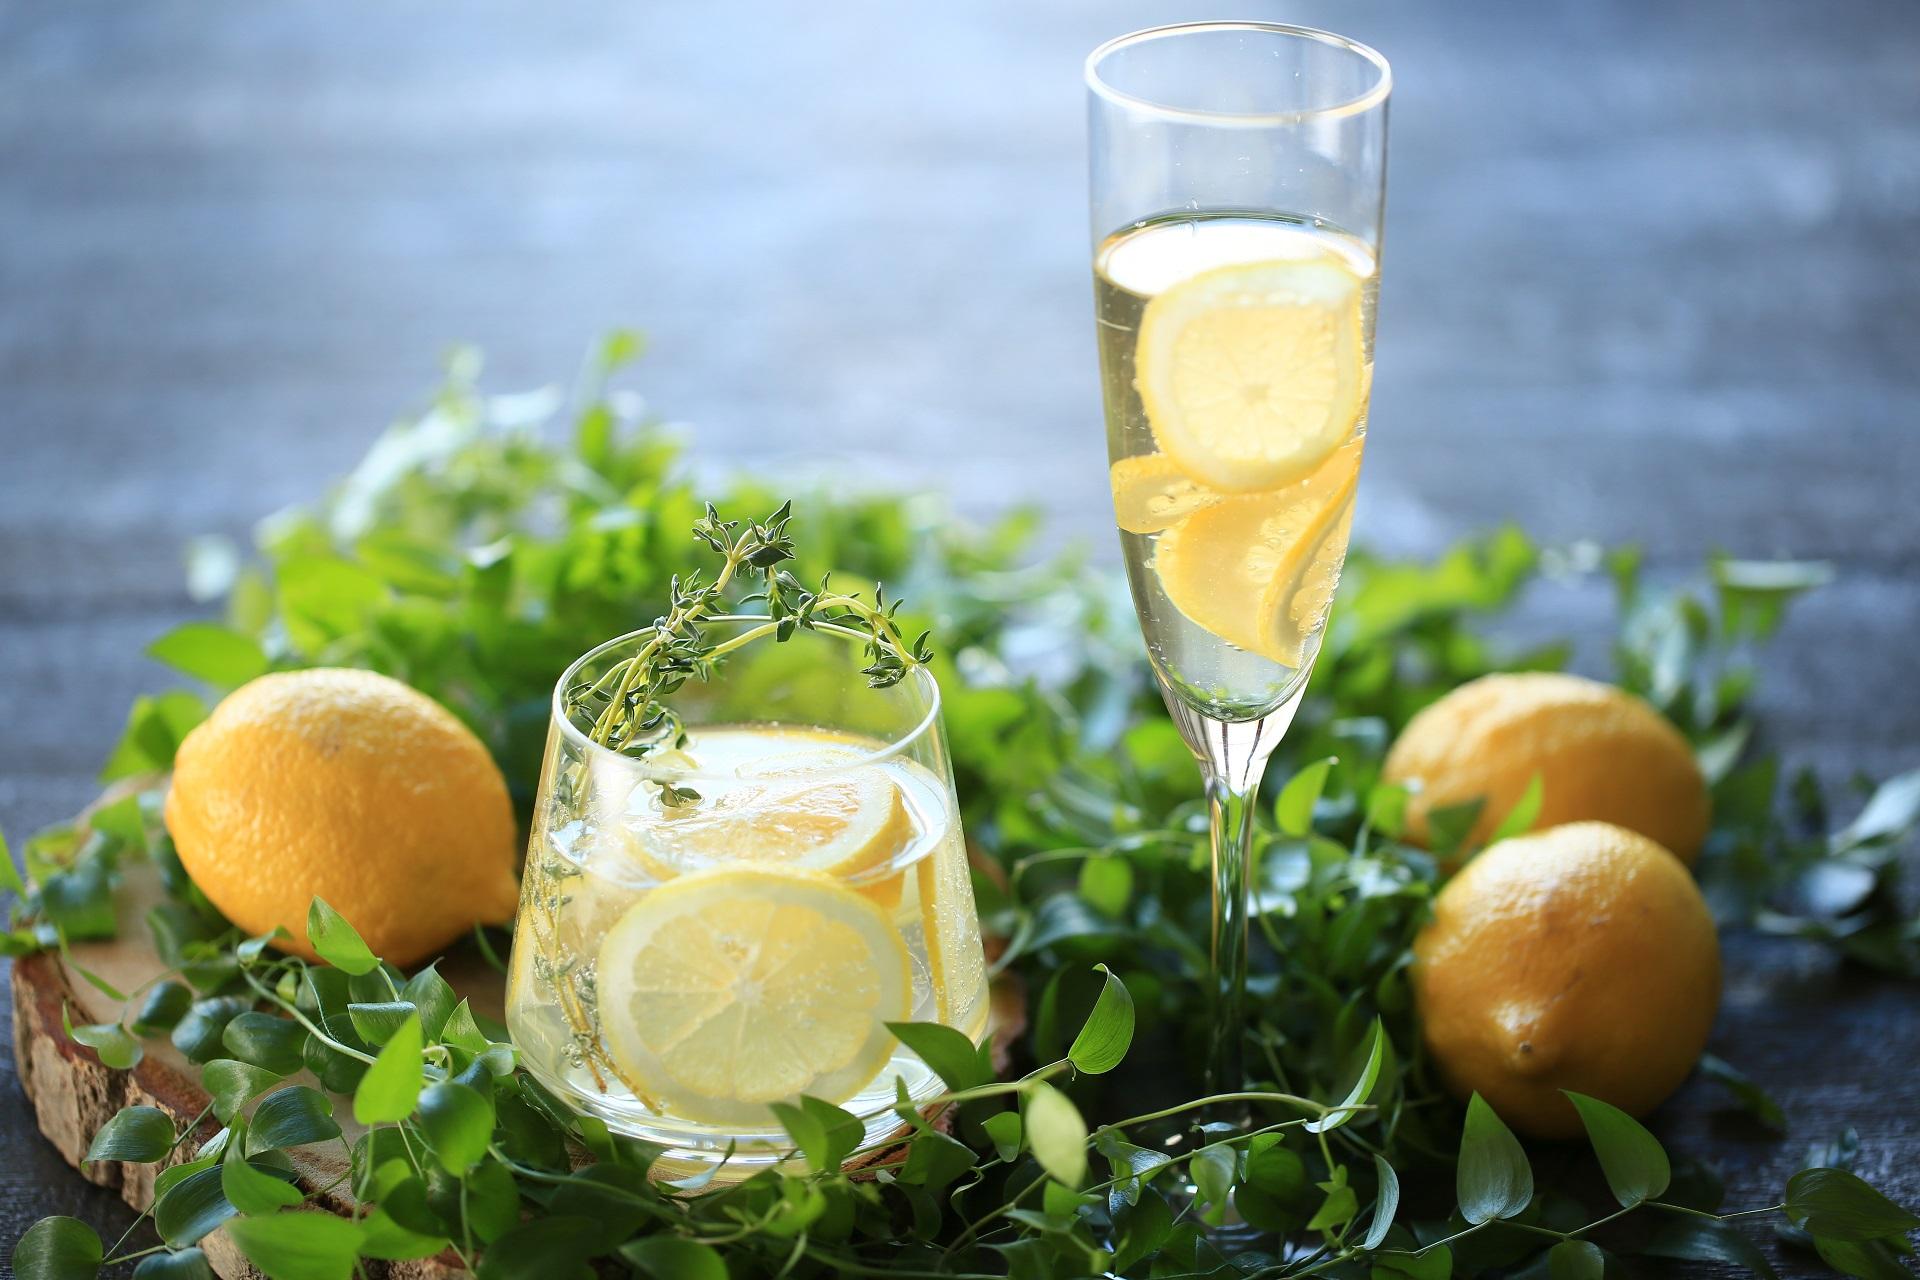 レモン風呂とシトラスカクテルが楽しめる!サーウィンストンホテルで期間限定販売 - sub2 1